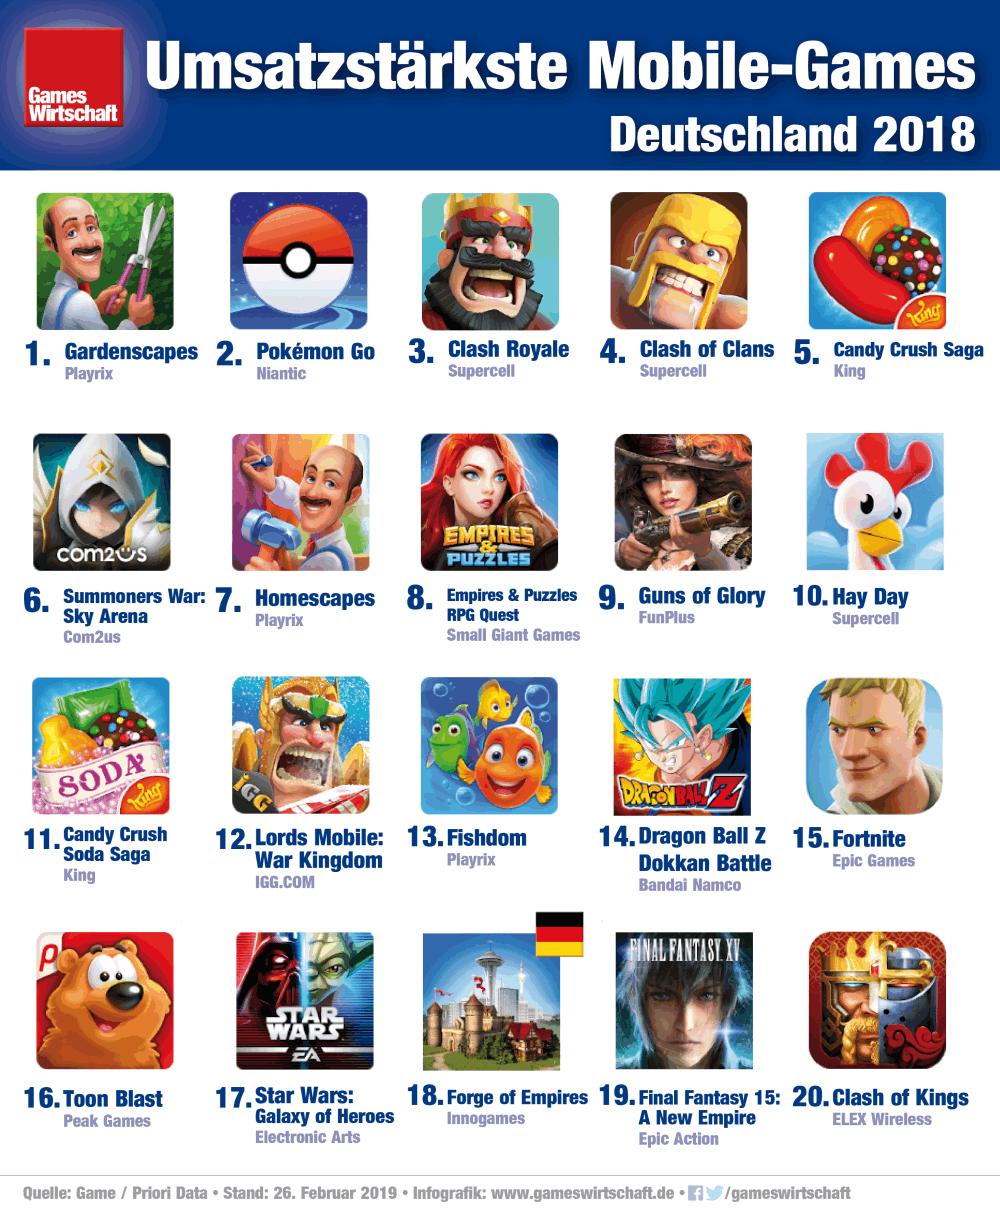 Das Hamburger Studio InnoGames ist der einzige deutsche Spiele-Entwickler, der es in die Umsatz-Top-20 der erfolgreichsten Mobile-Games 2018 geschafft hat (Stand: 26.2.2019)